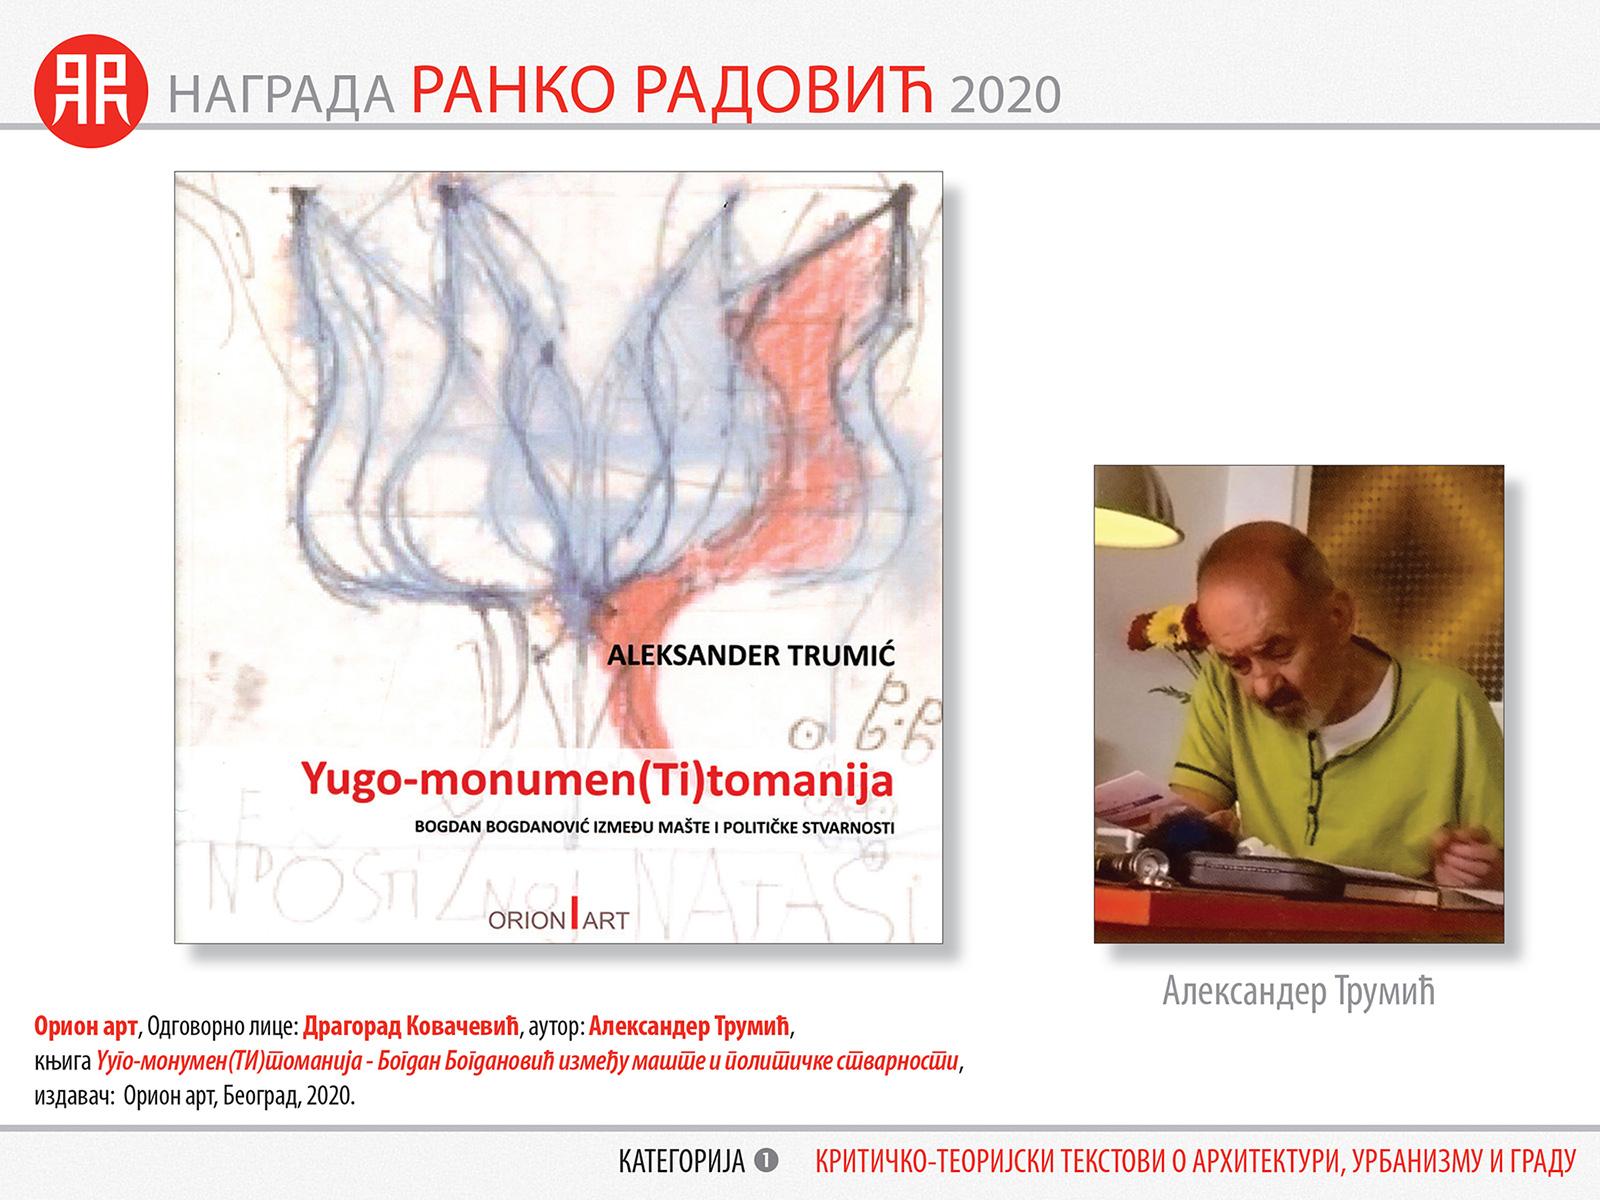 RR20_Nagrada_Kat_1-vh